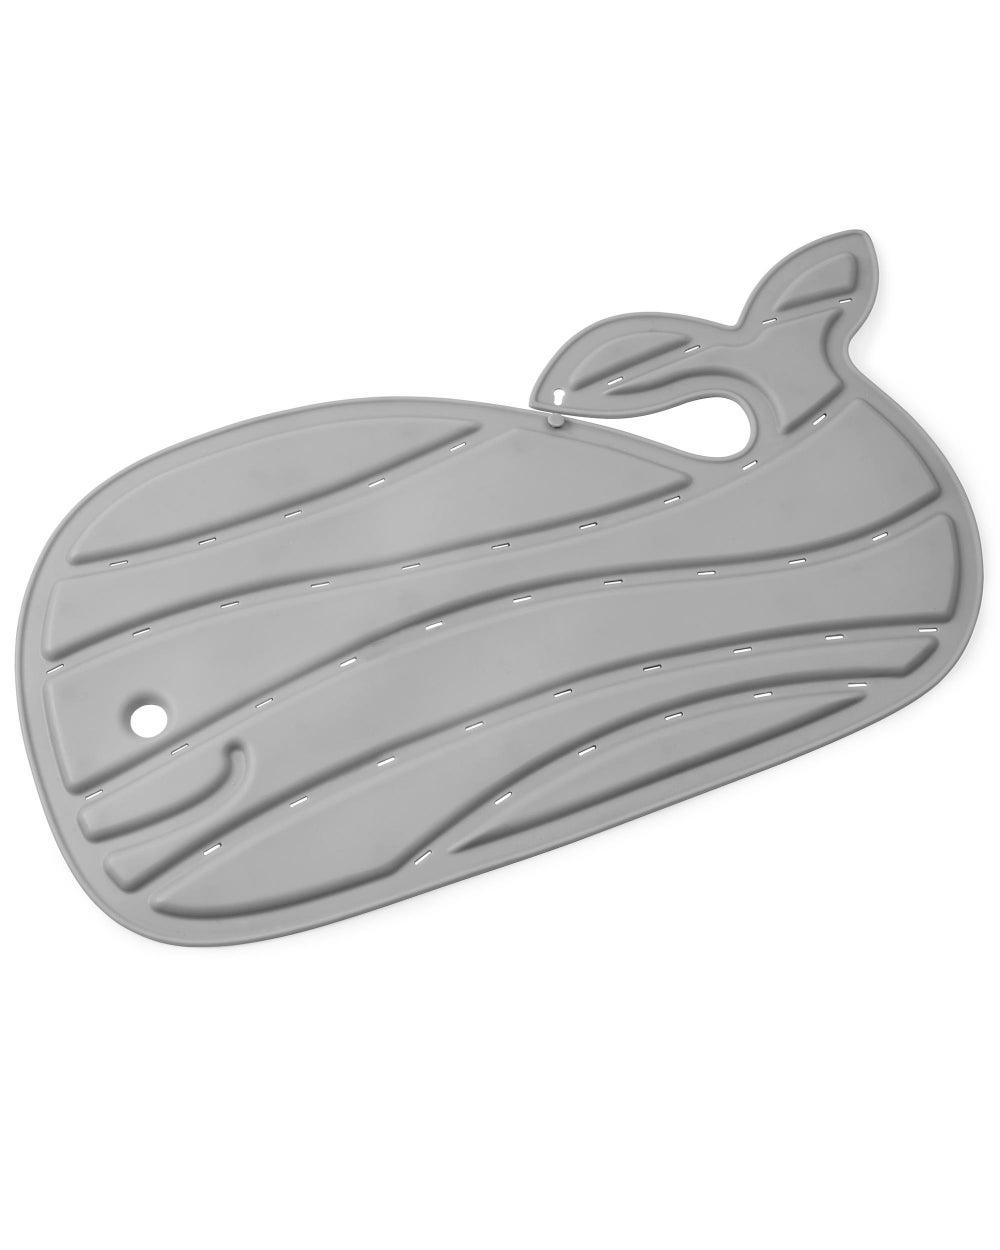 Skip Hop Moby Bath Mat - Grey 801401